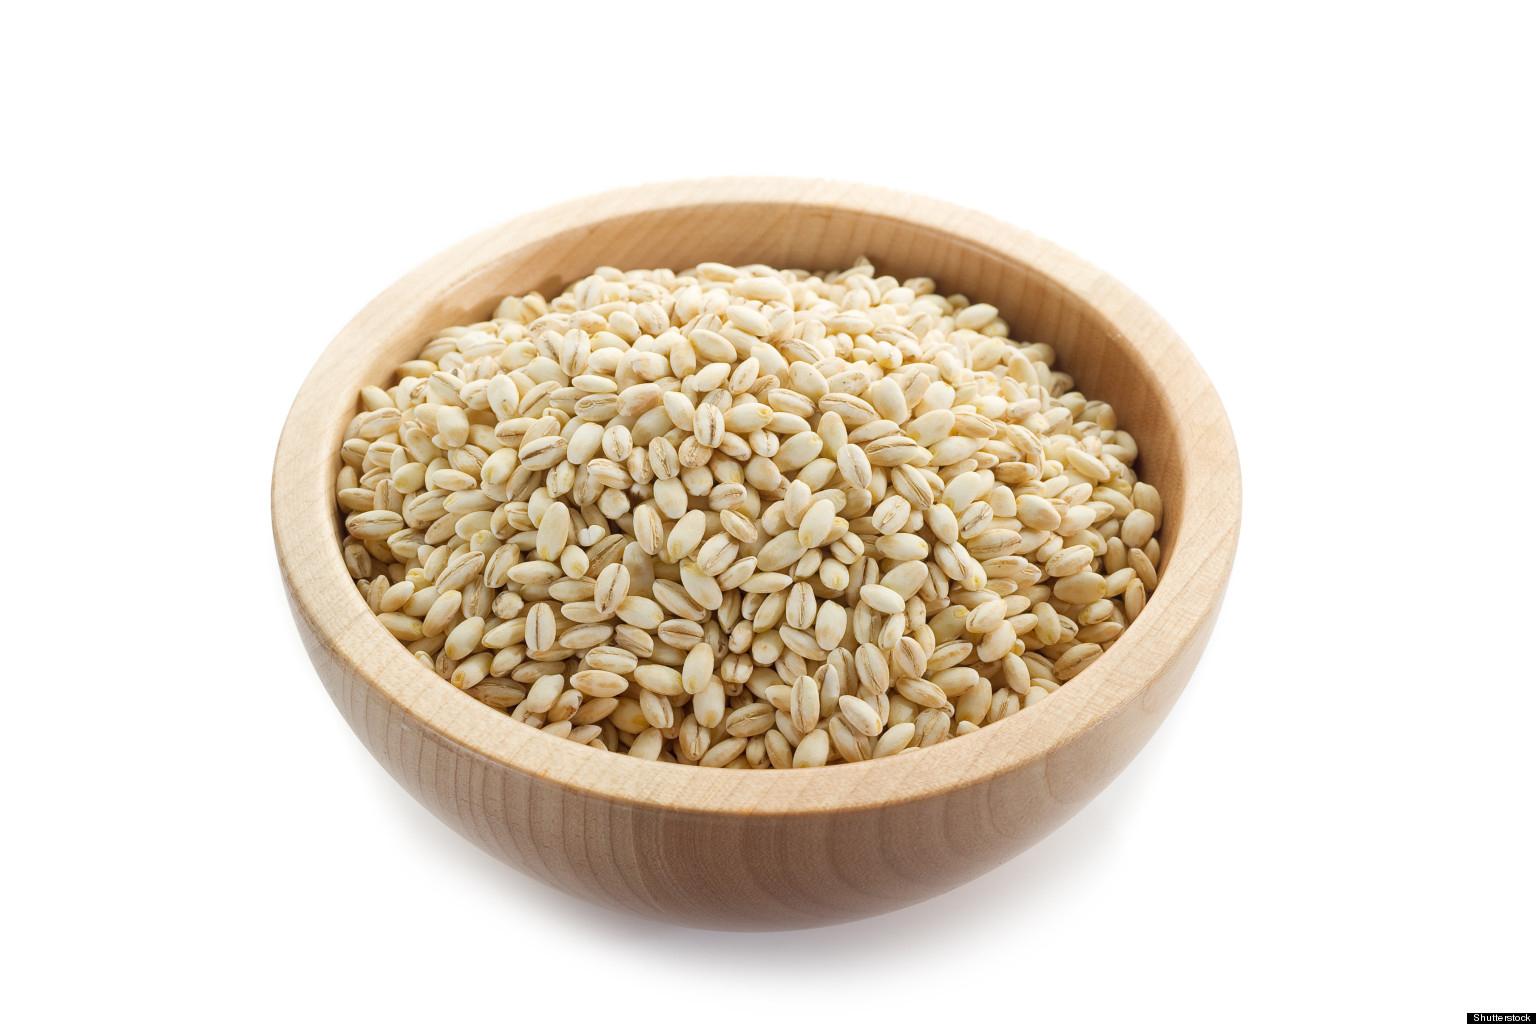 Barley-grains